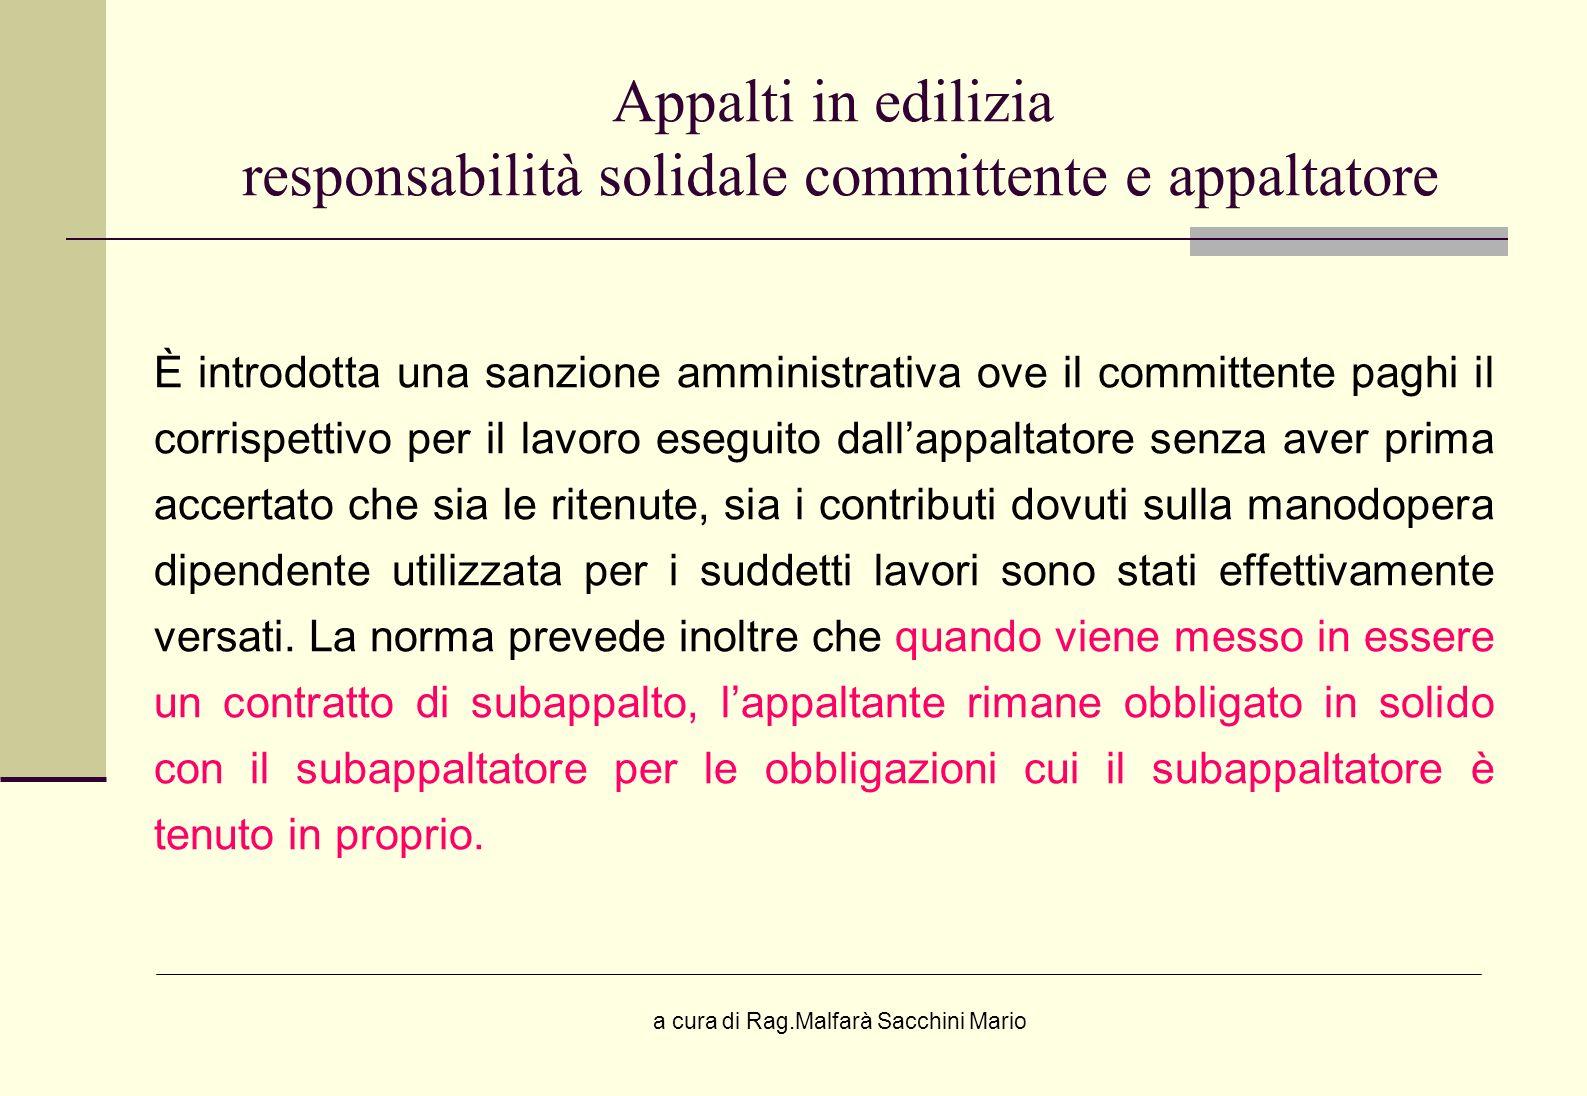 Appalti in edilizia responsabilità solidale committente e appaltatore